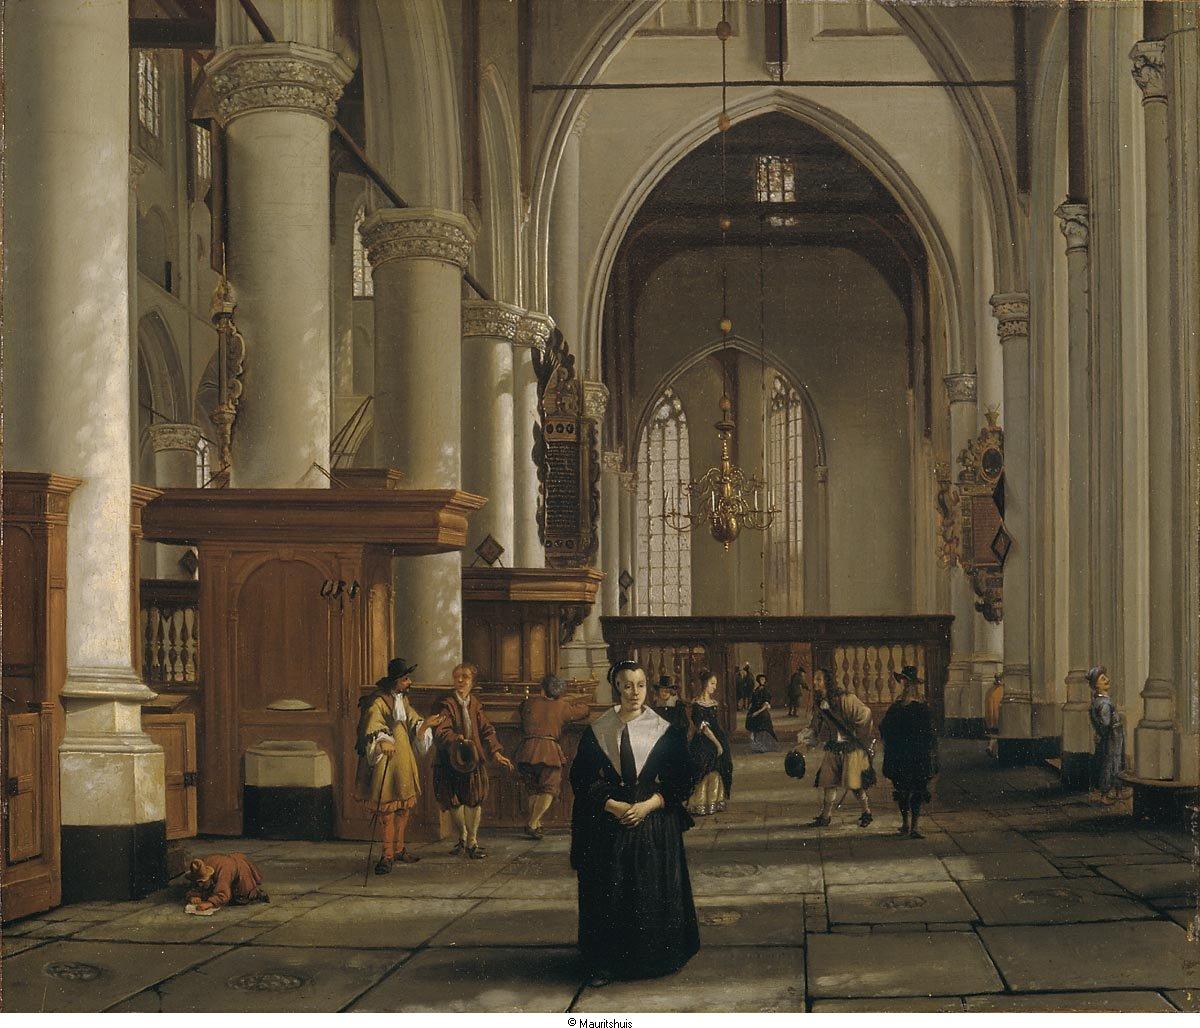 Interieur van de laurenskerk te rotterdam geheugen van for Hartman interieur rotterdam